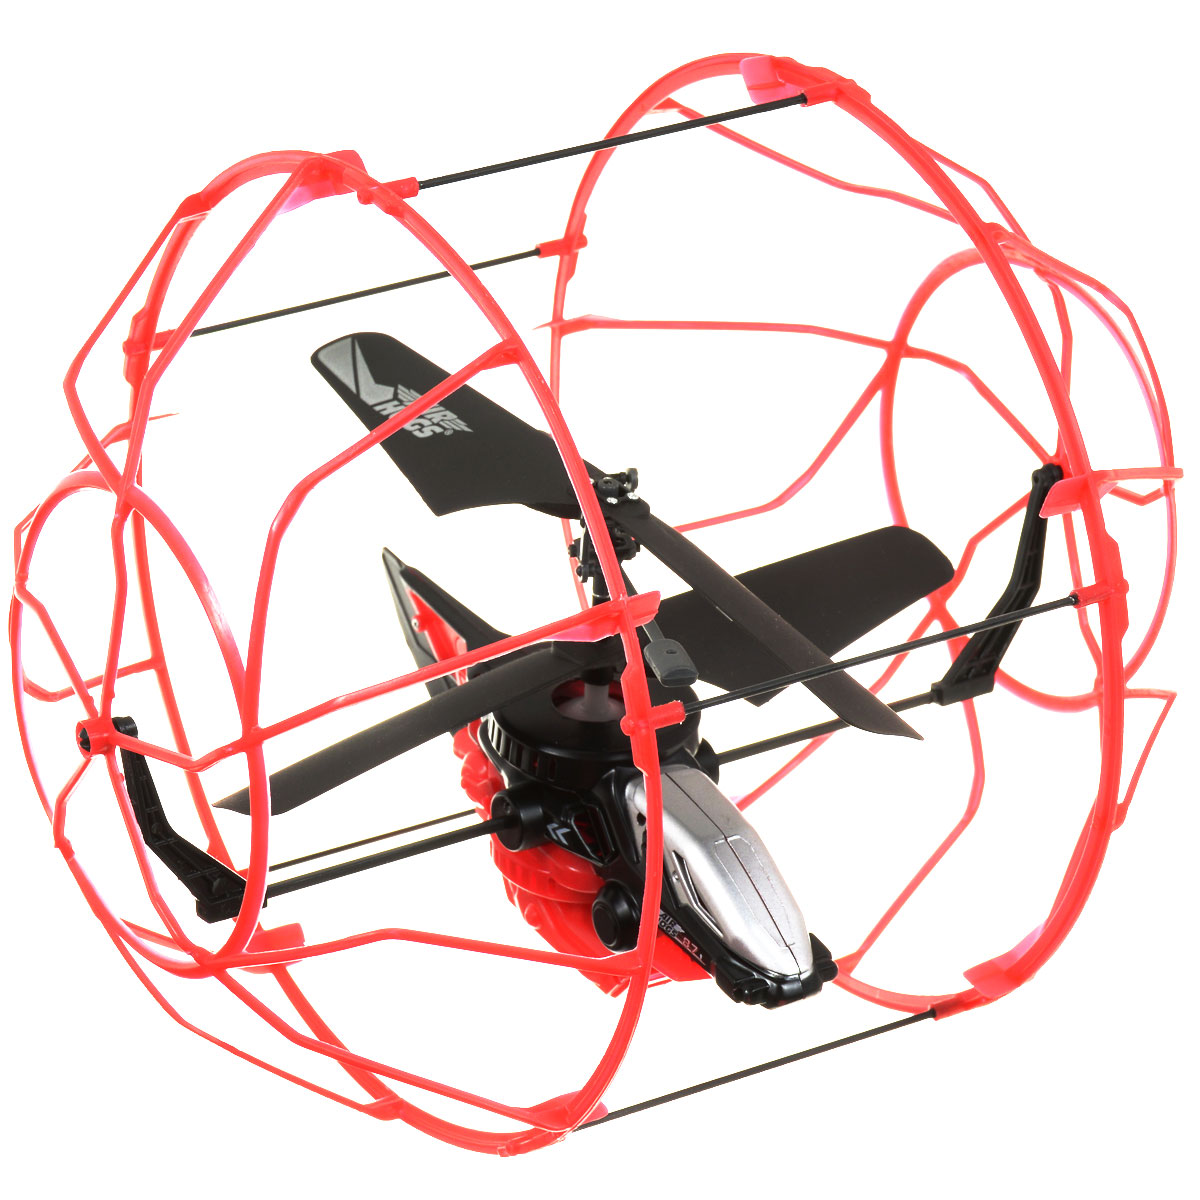 Air Hogs Вертолет на радиоуправлении Roller Copter цвет красный черный